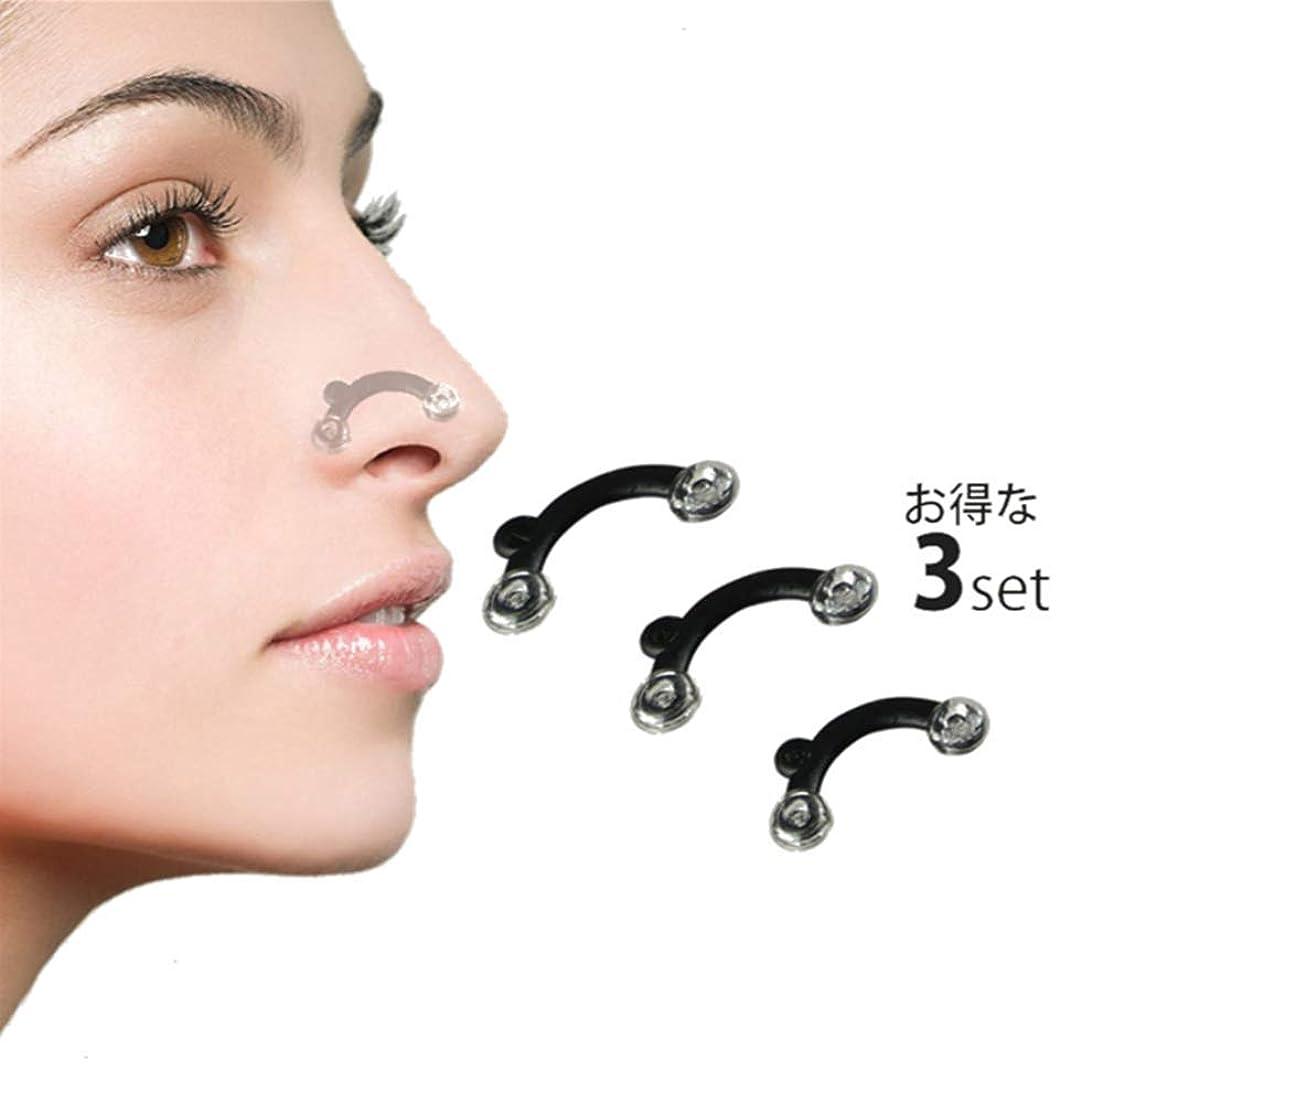 優雅な失業ピンチYONGOTEN 美鼻プチ 鼻のアイプチ 矯正プチ 柔軟性高い 整形せず 痛くない 医療用 美容用 シリコン